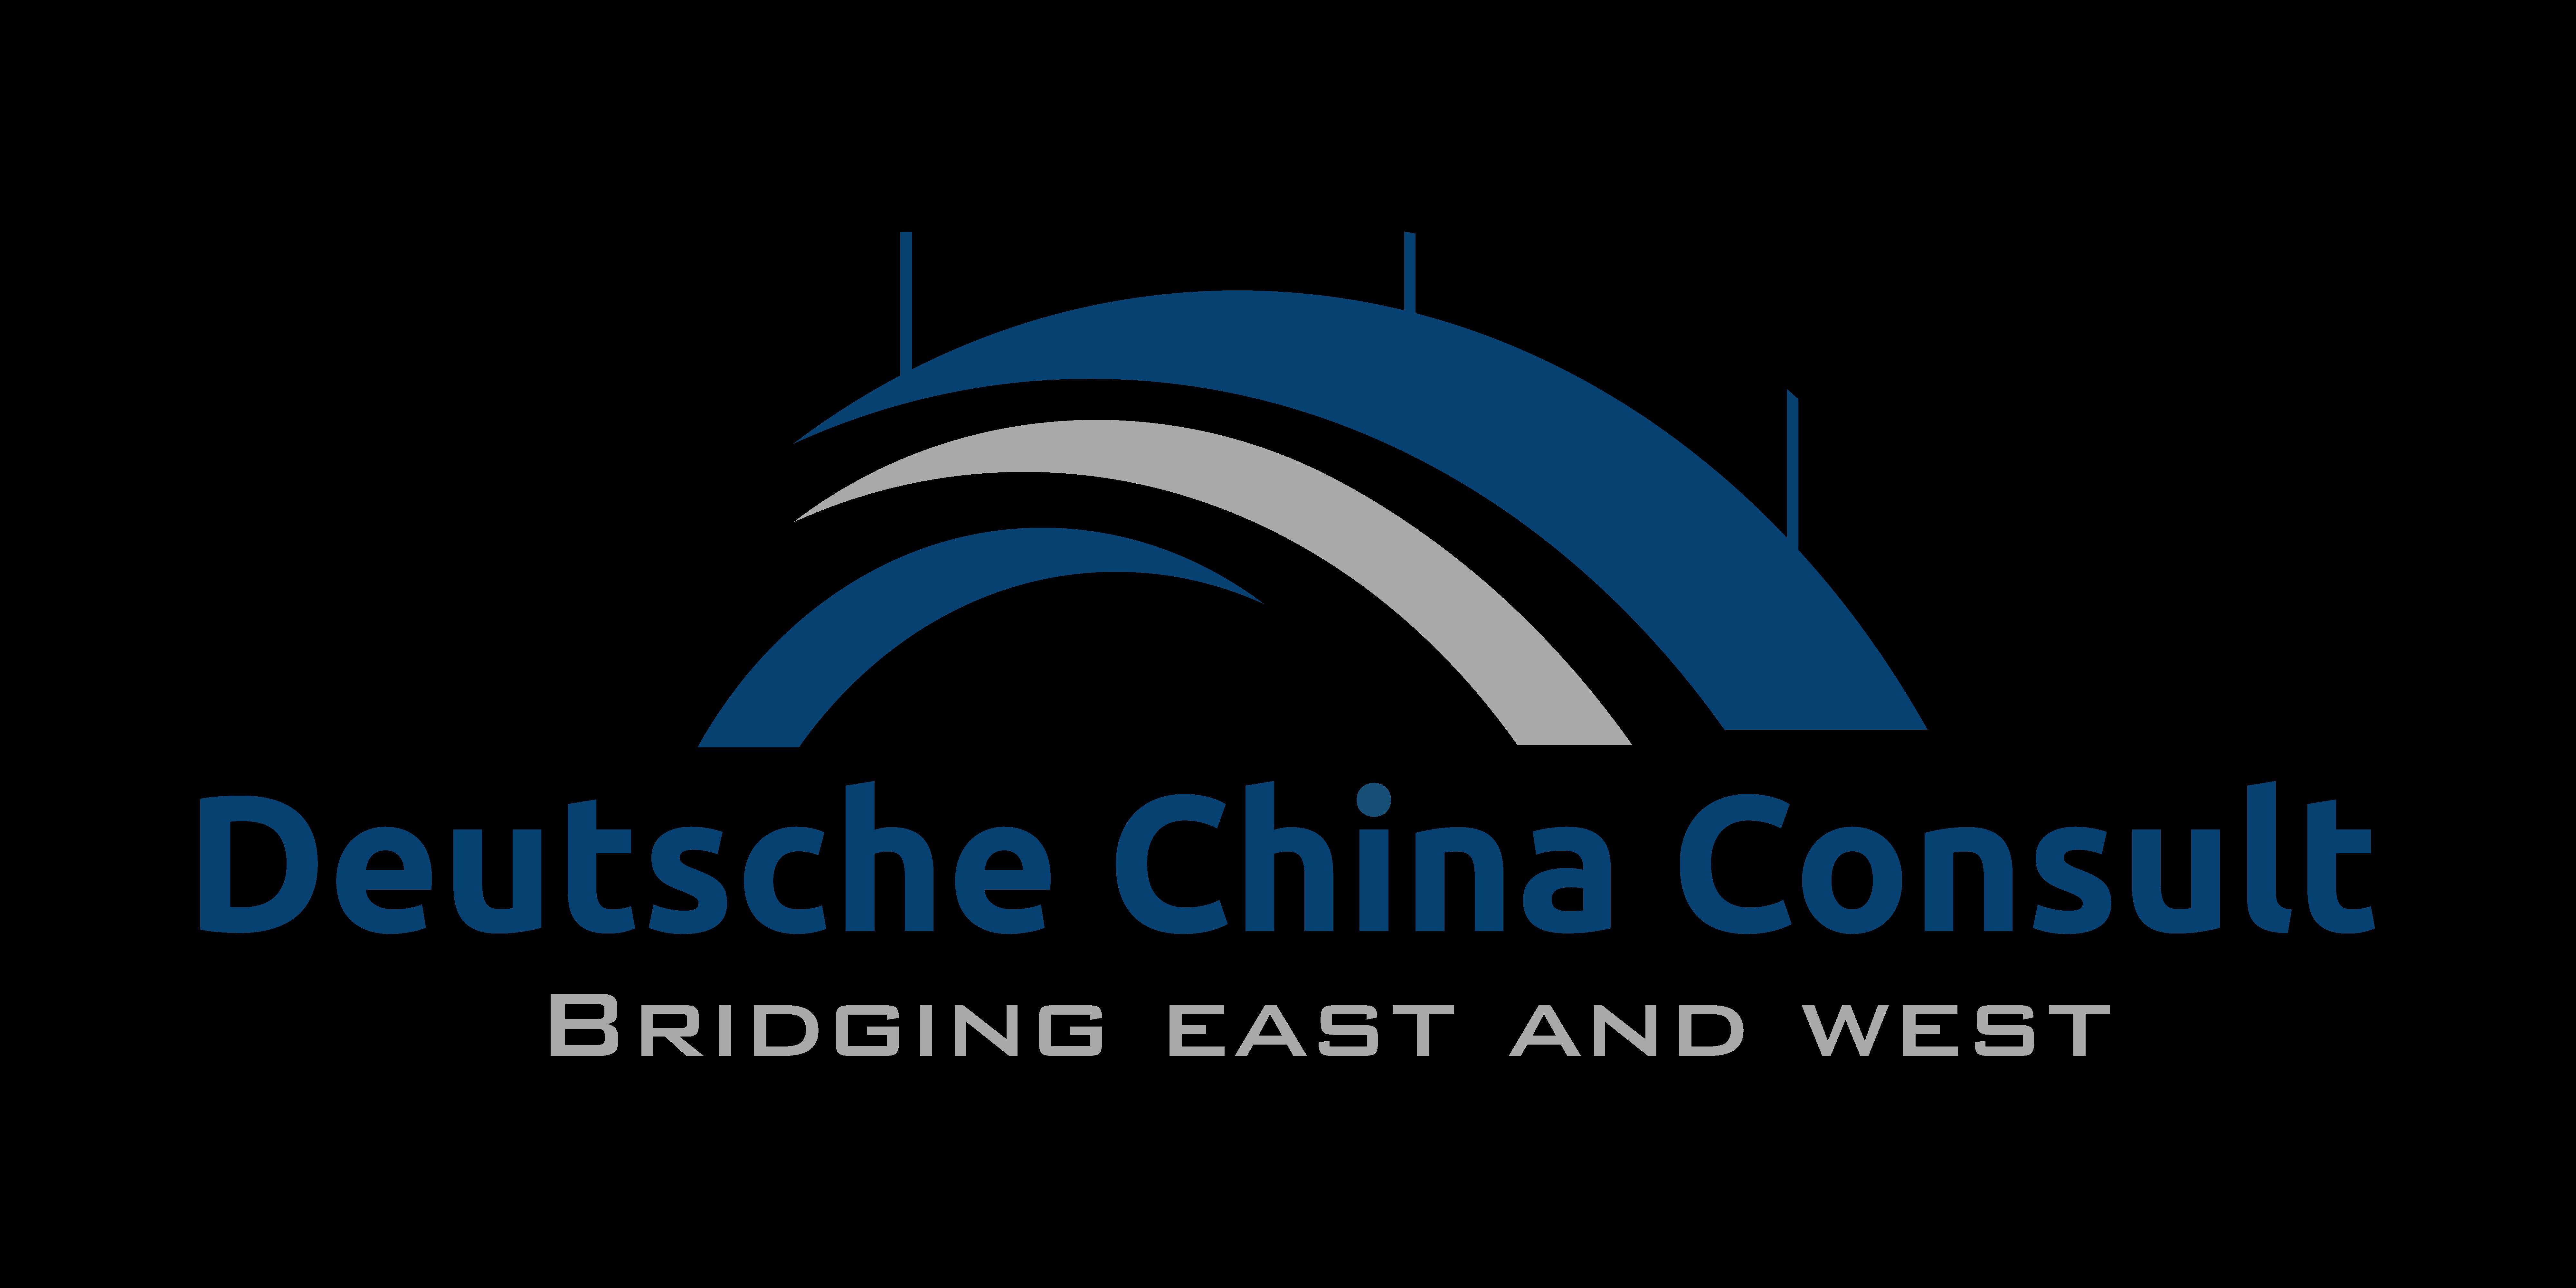 Deutsche China Consult